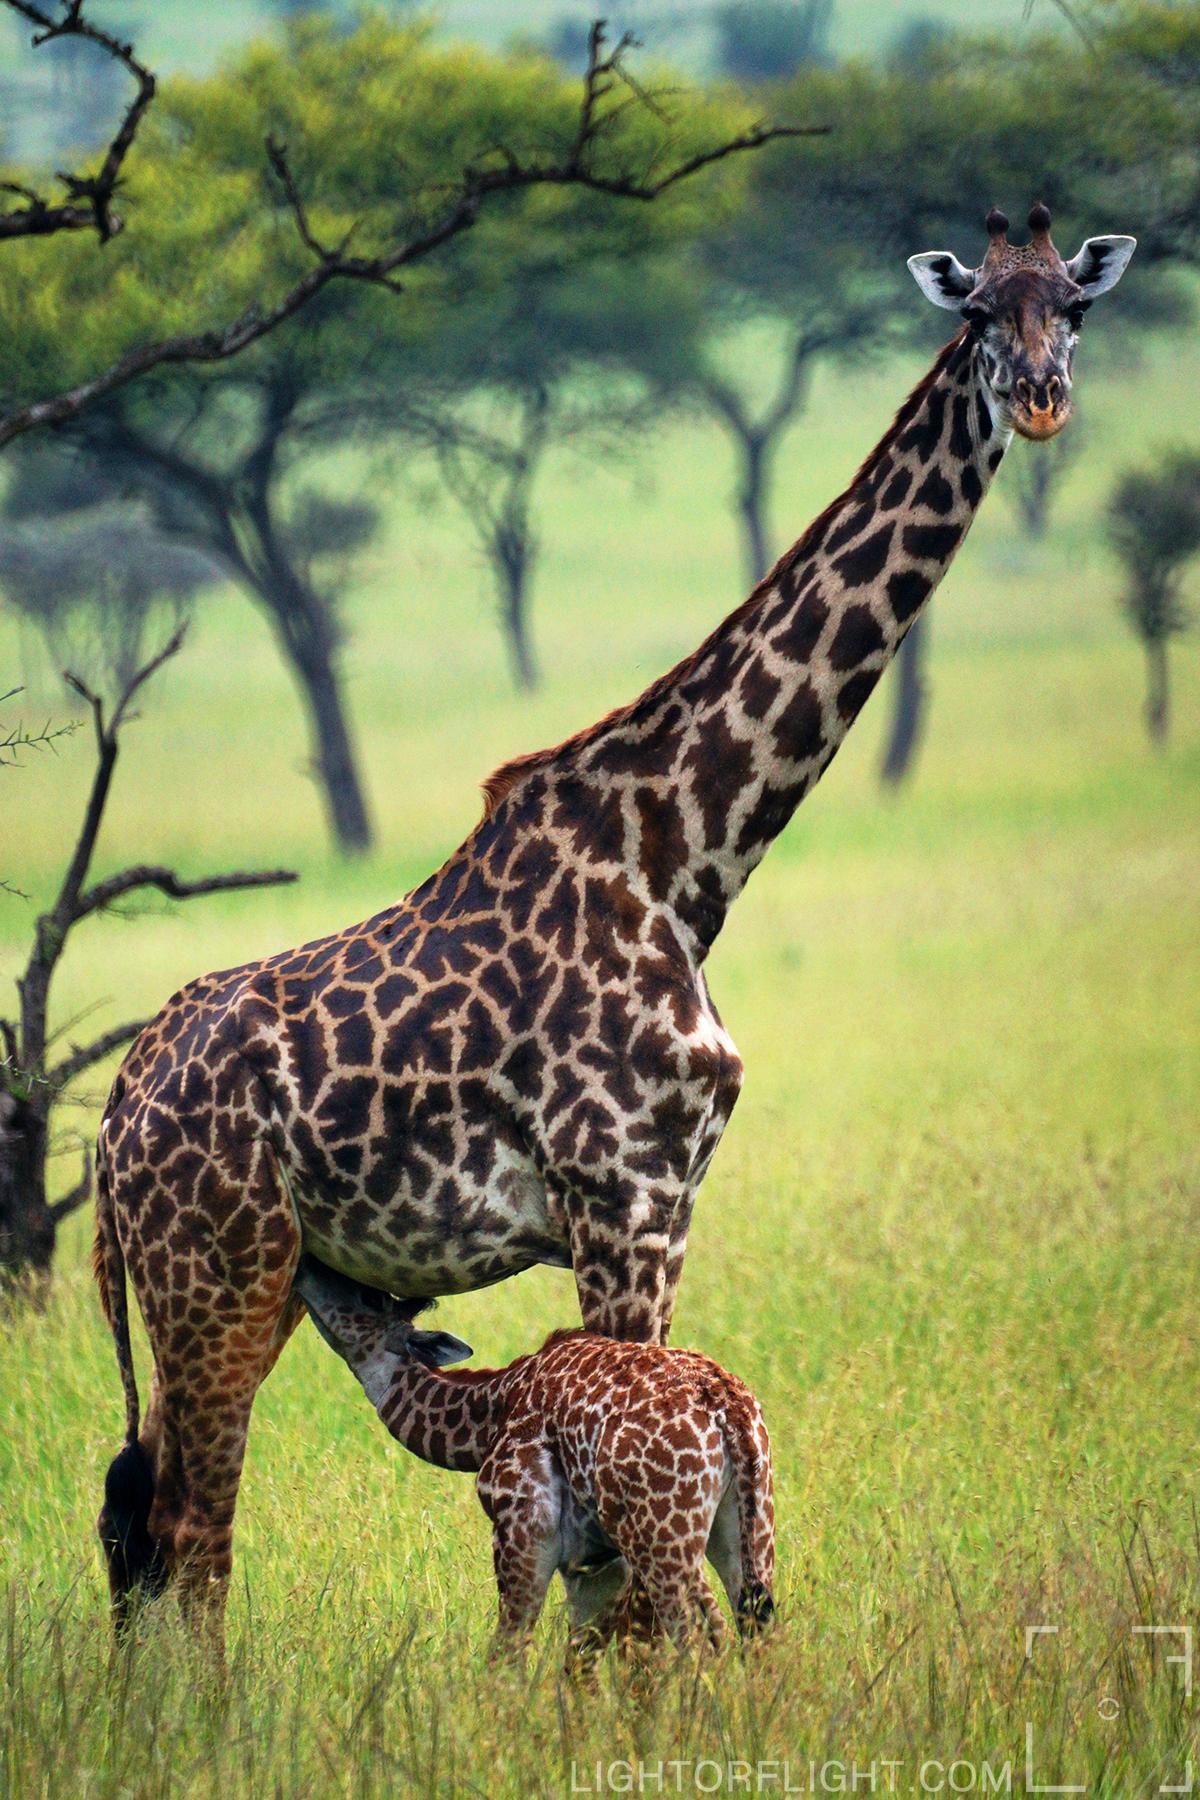 Kilimanjaro Giraffe (Giraffa camelopardalis tippelskirchi)